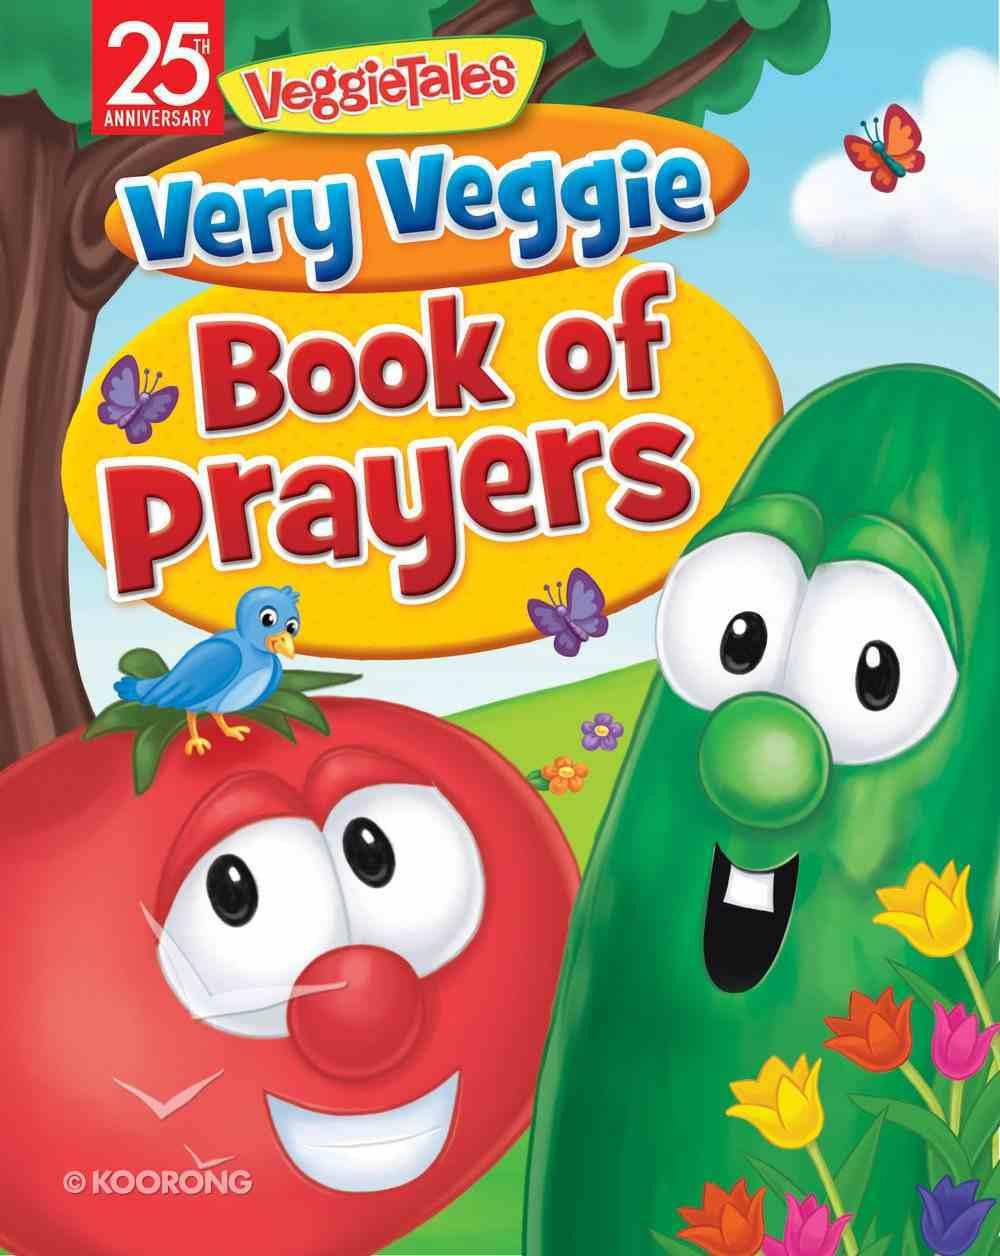 Very Veggie Book of Prayers (Veggie Tales (Veggietales) Series) Board Book